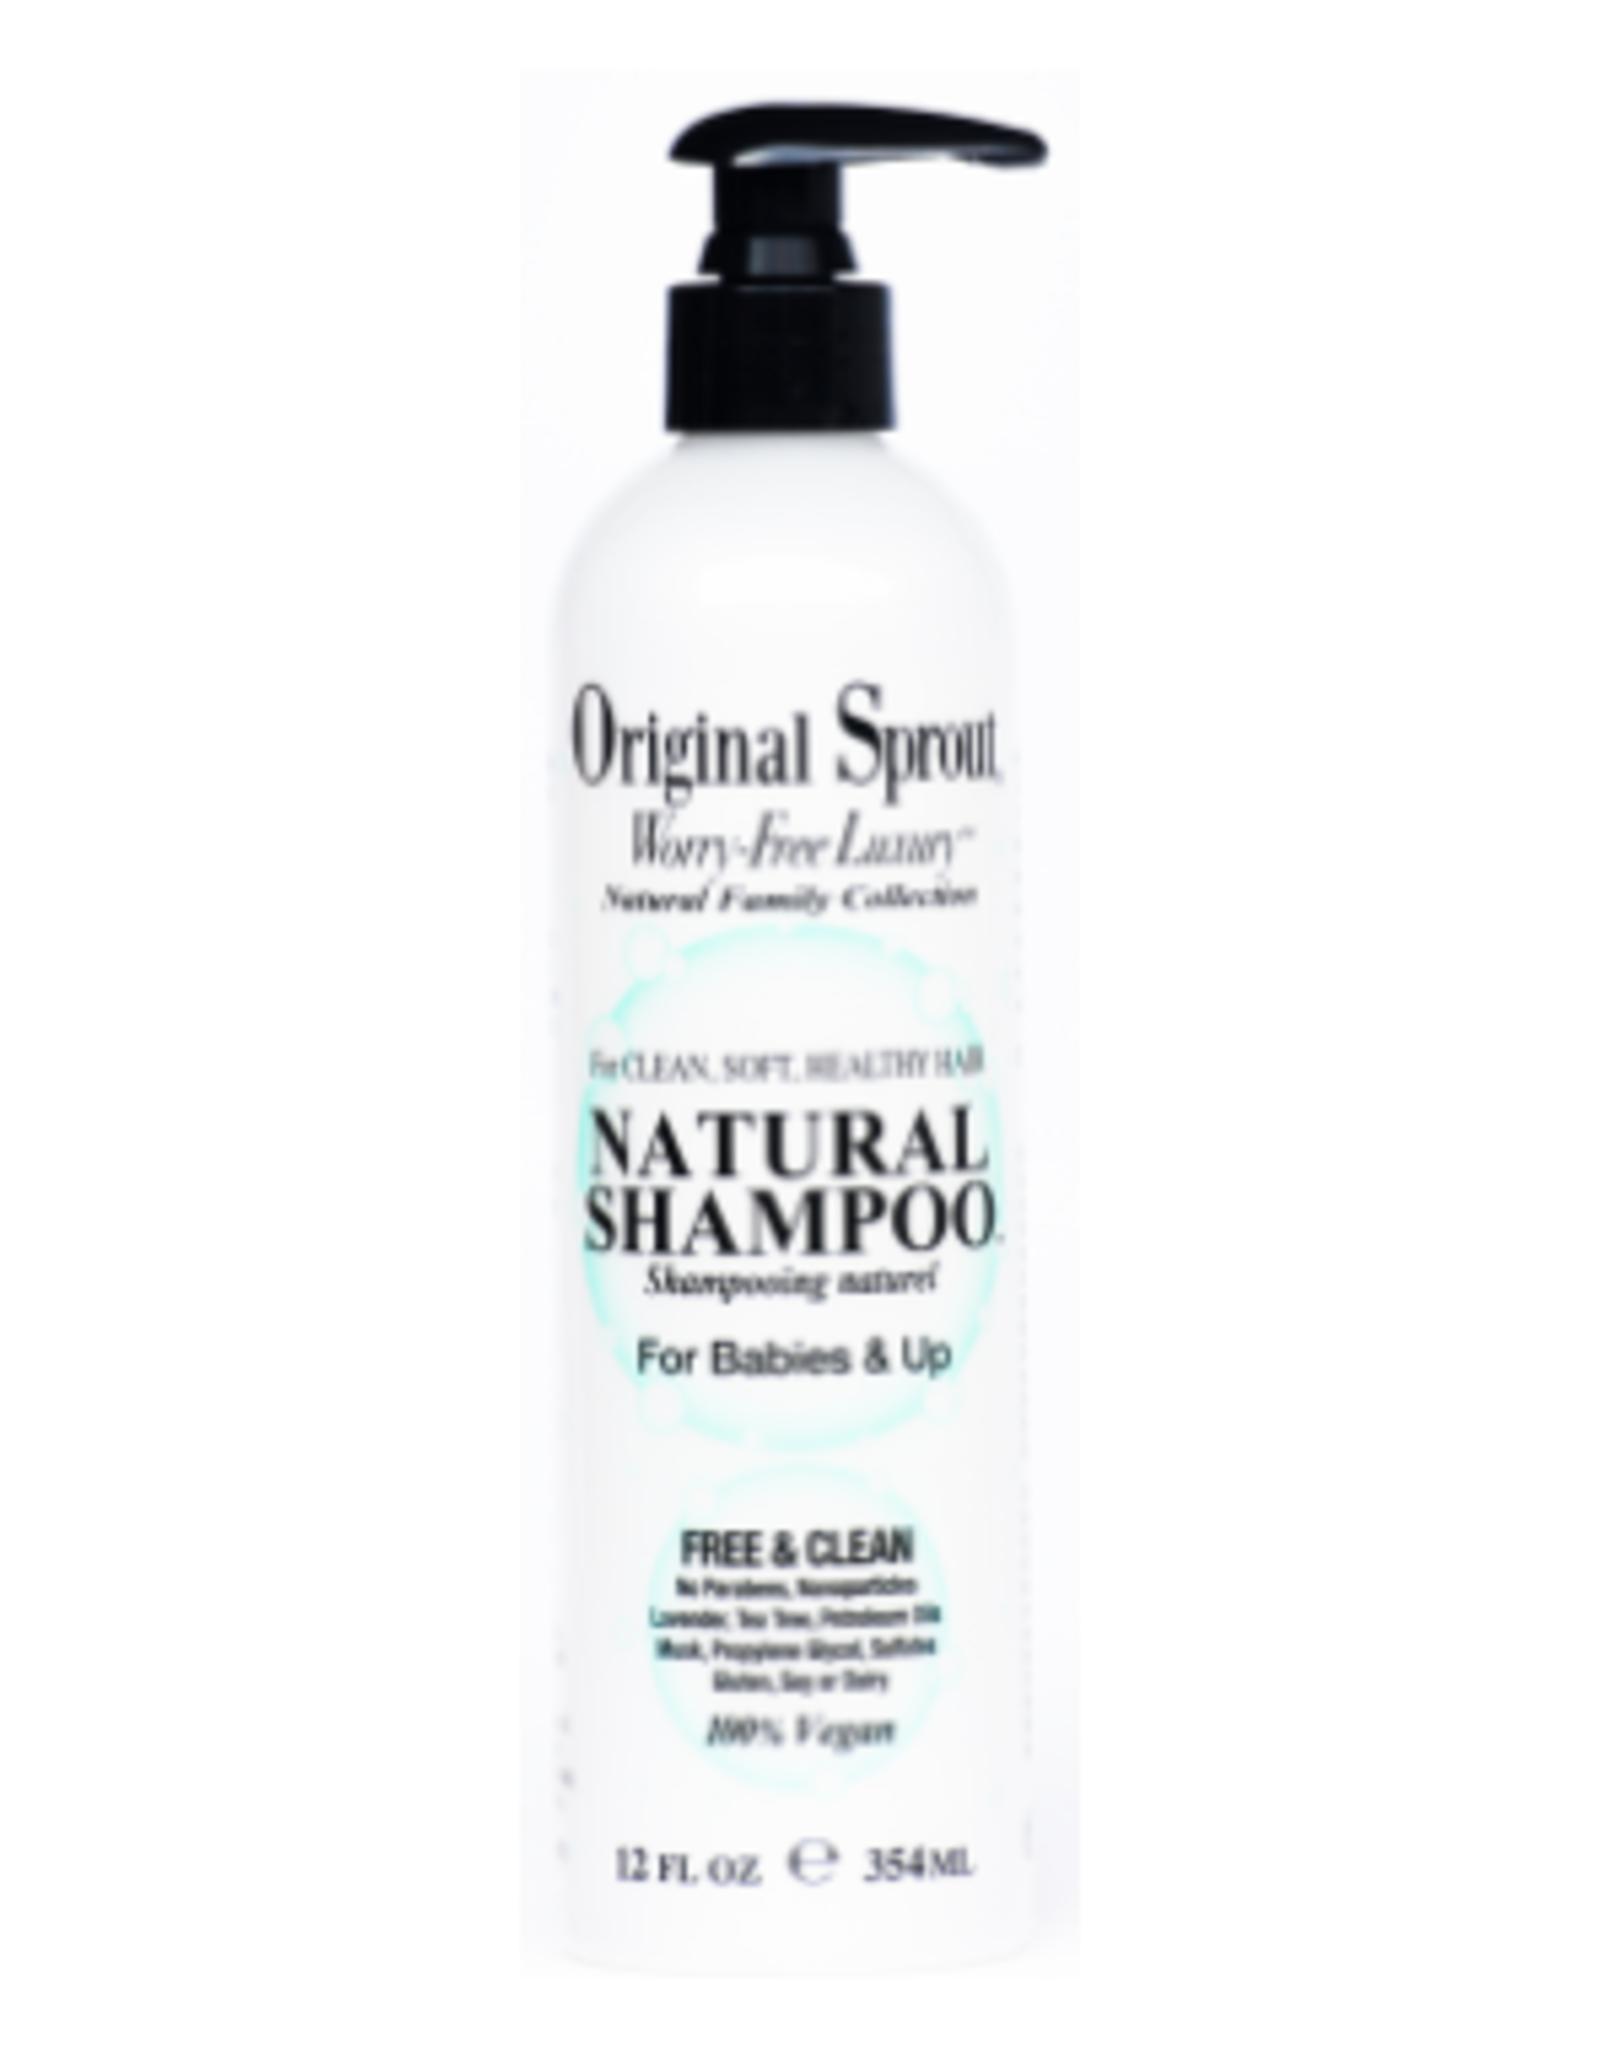 Original Sprout Original Sprout - Natural Shampoo 12oz.